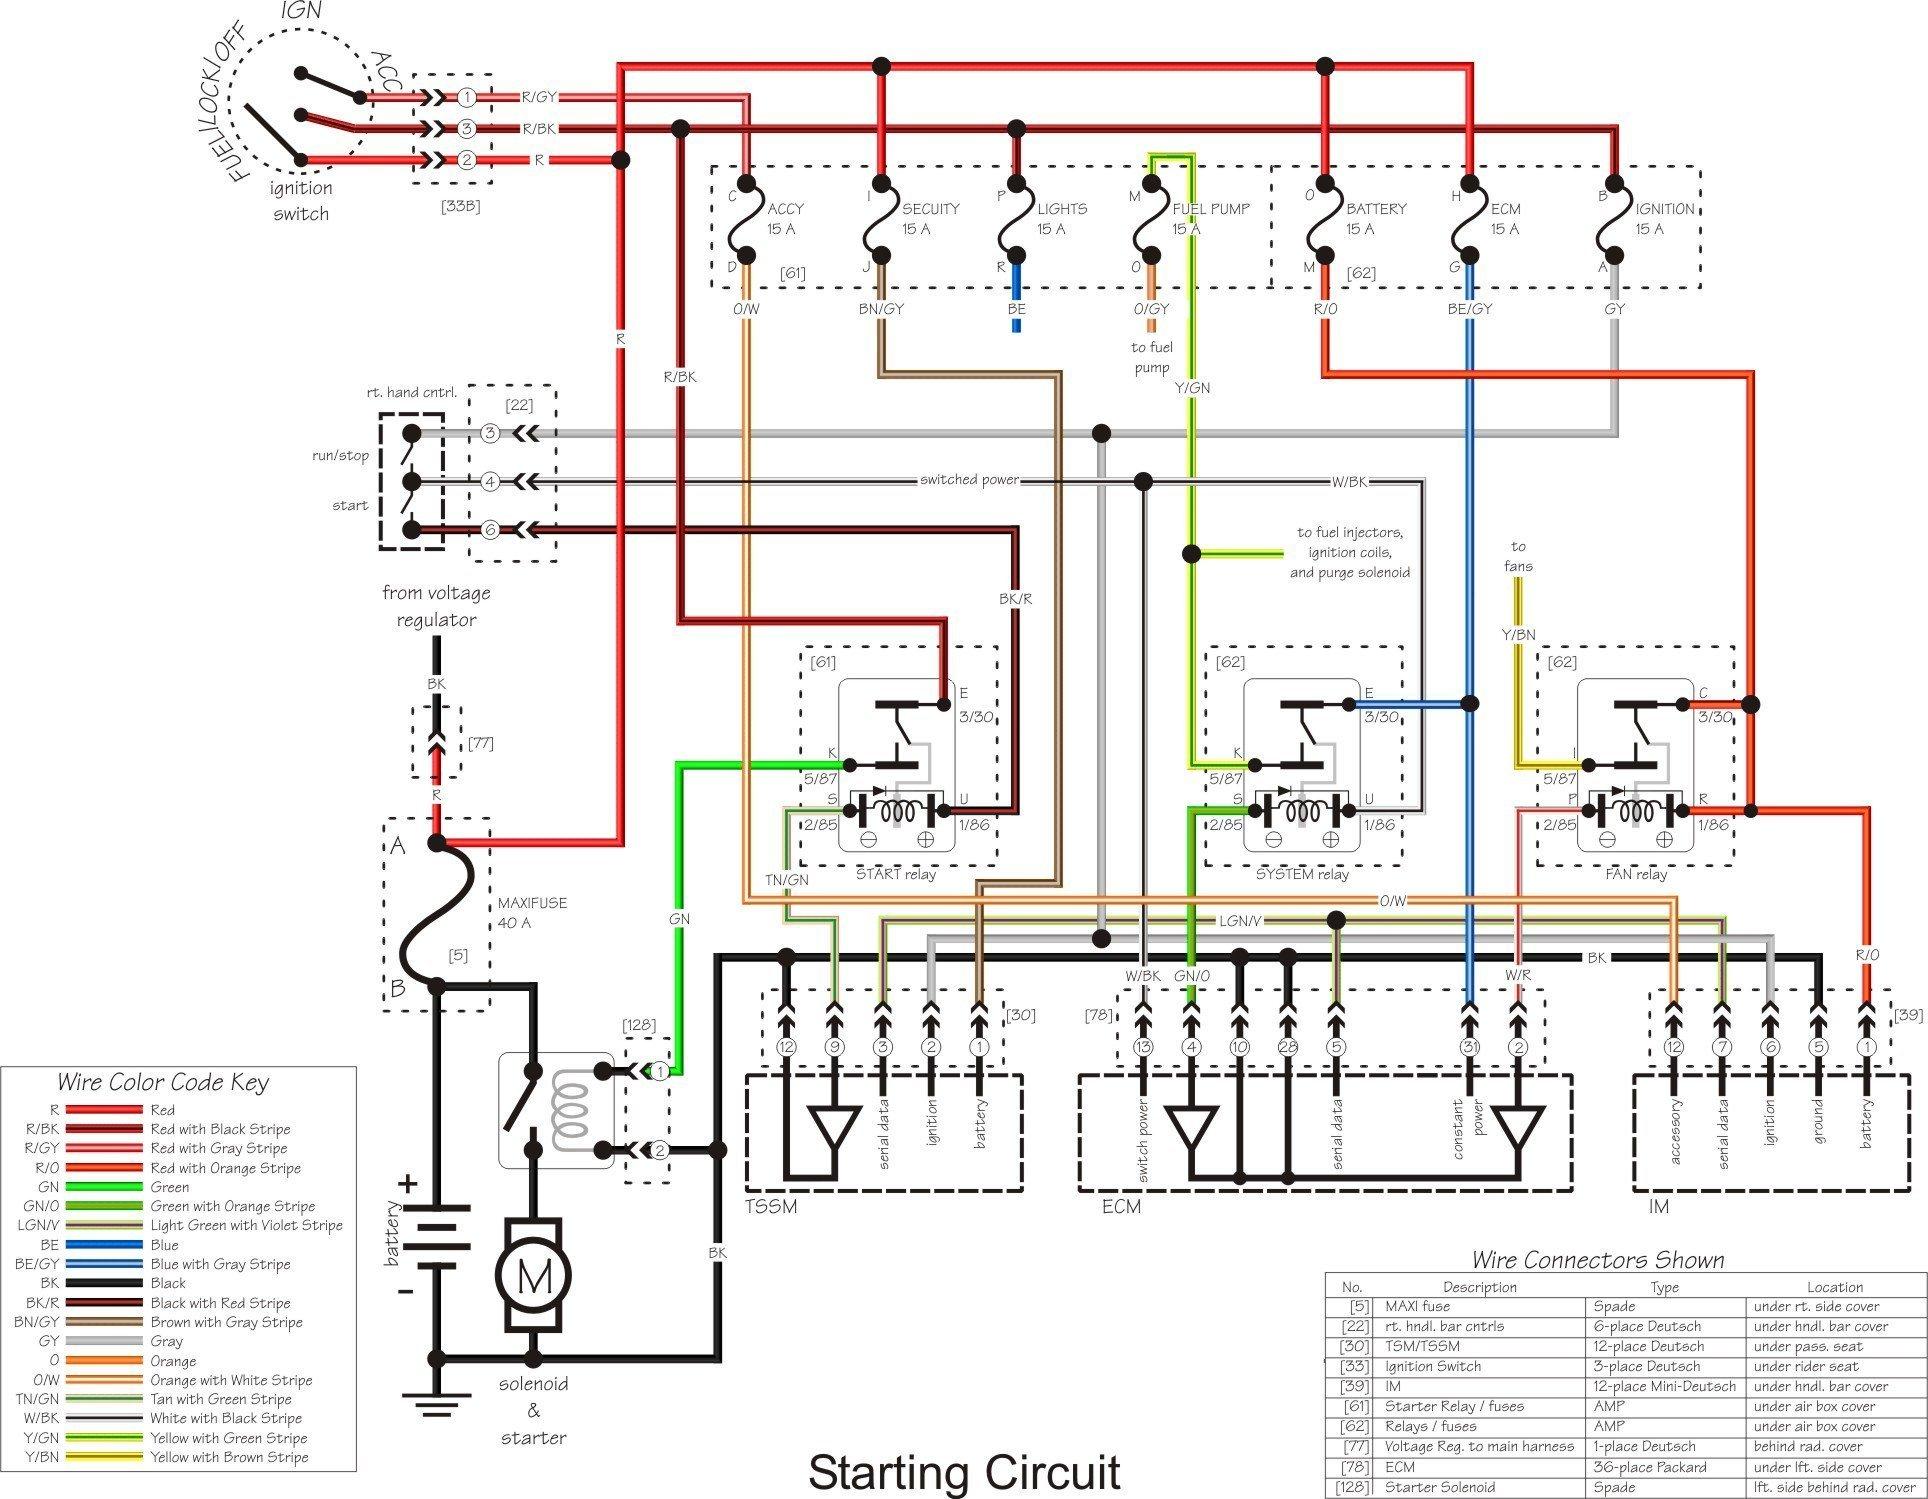 enchanting gmos 06 wiring diagram metra wiring harnesses, Wiring diagram